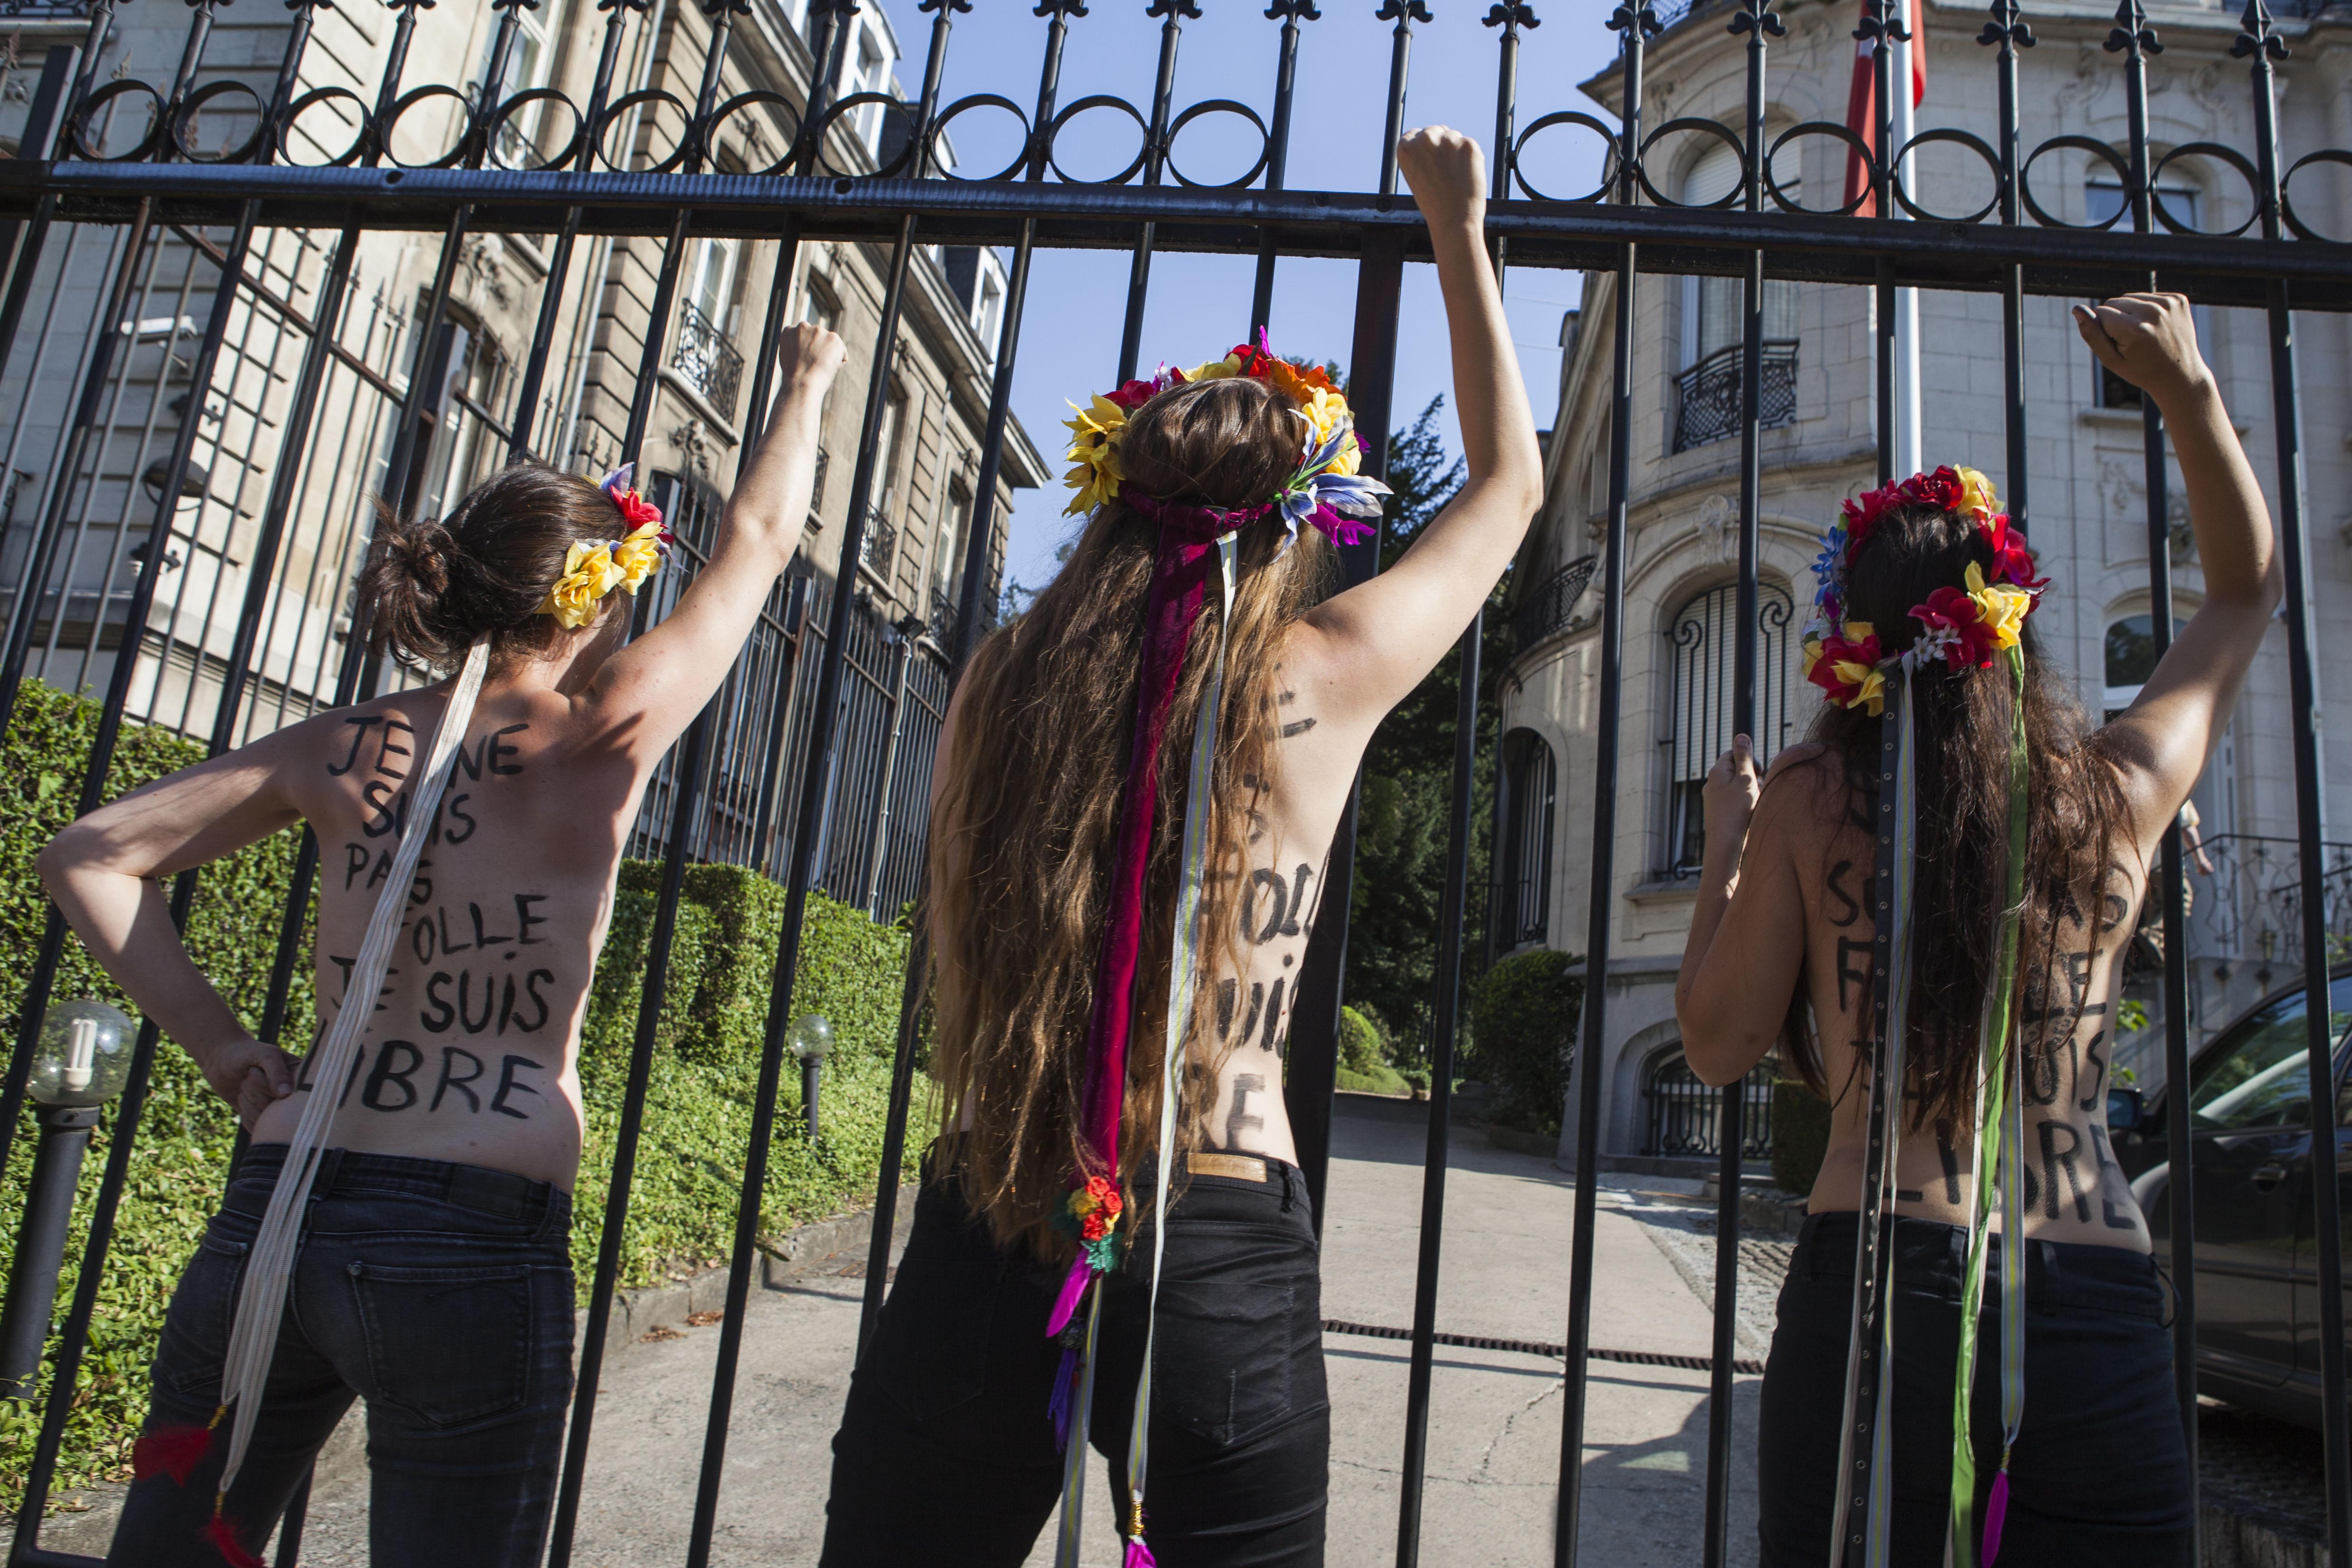 (10)BELGICA-BRUSELAS-SOCIEDAD-PROTESTA